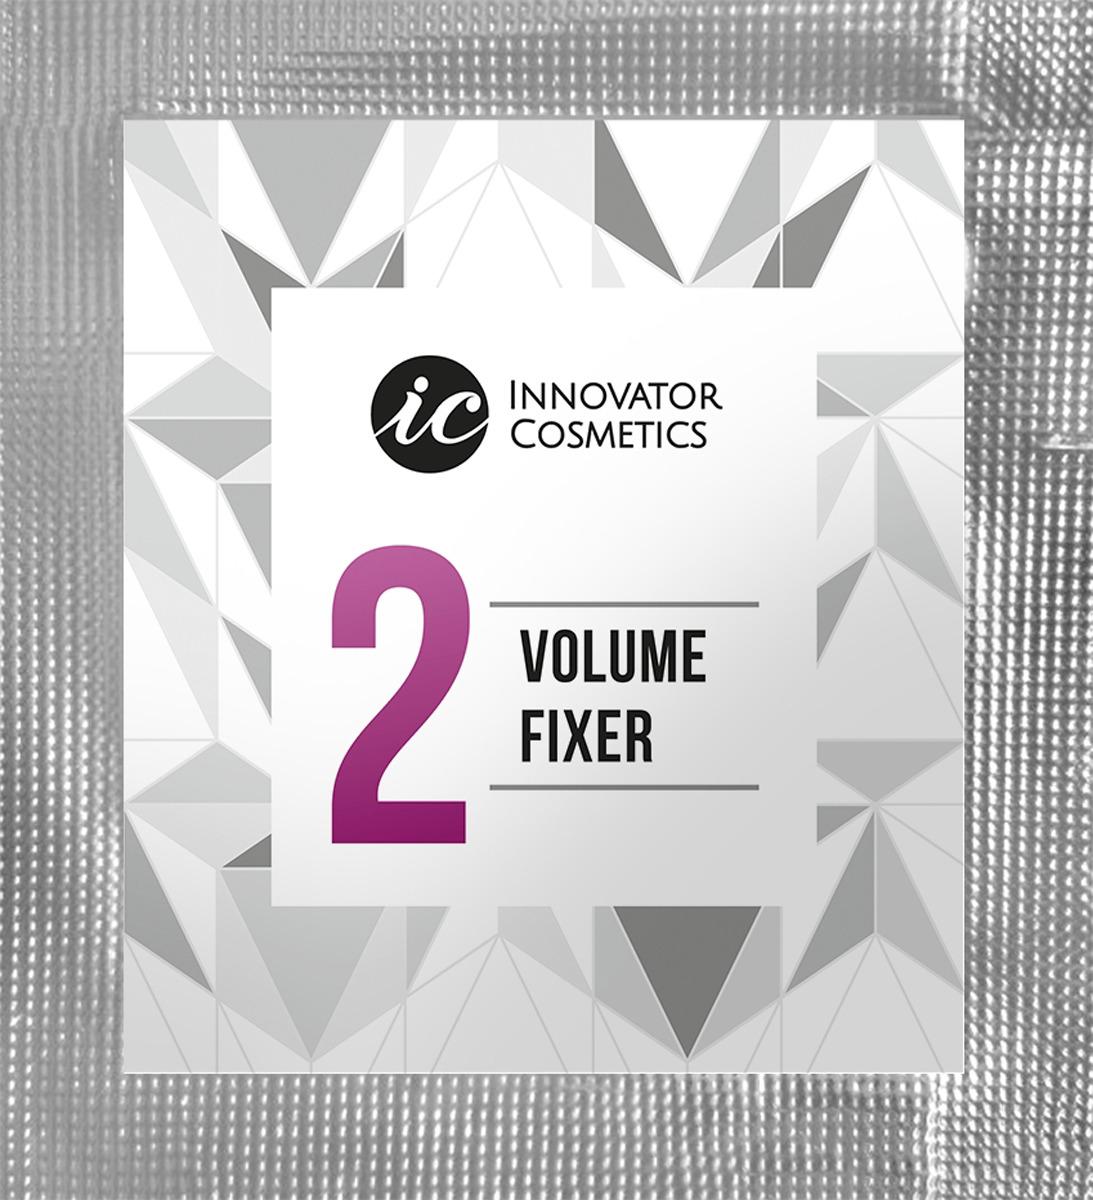 Набор для ламинирования и биозавивки ресниц Innovator Cosmetics саше с составом #2 VOLUME FIXER, 2мл, 2,36 цена